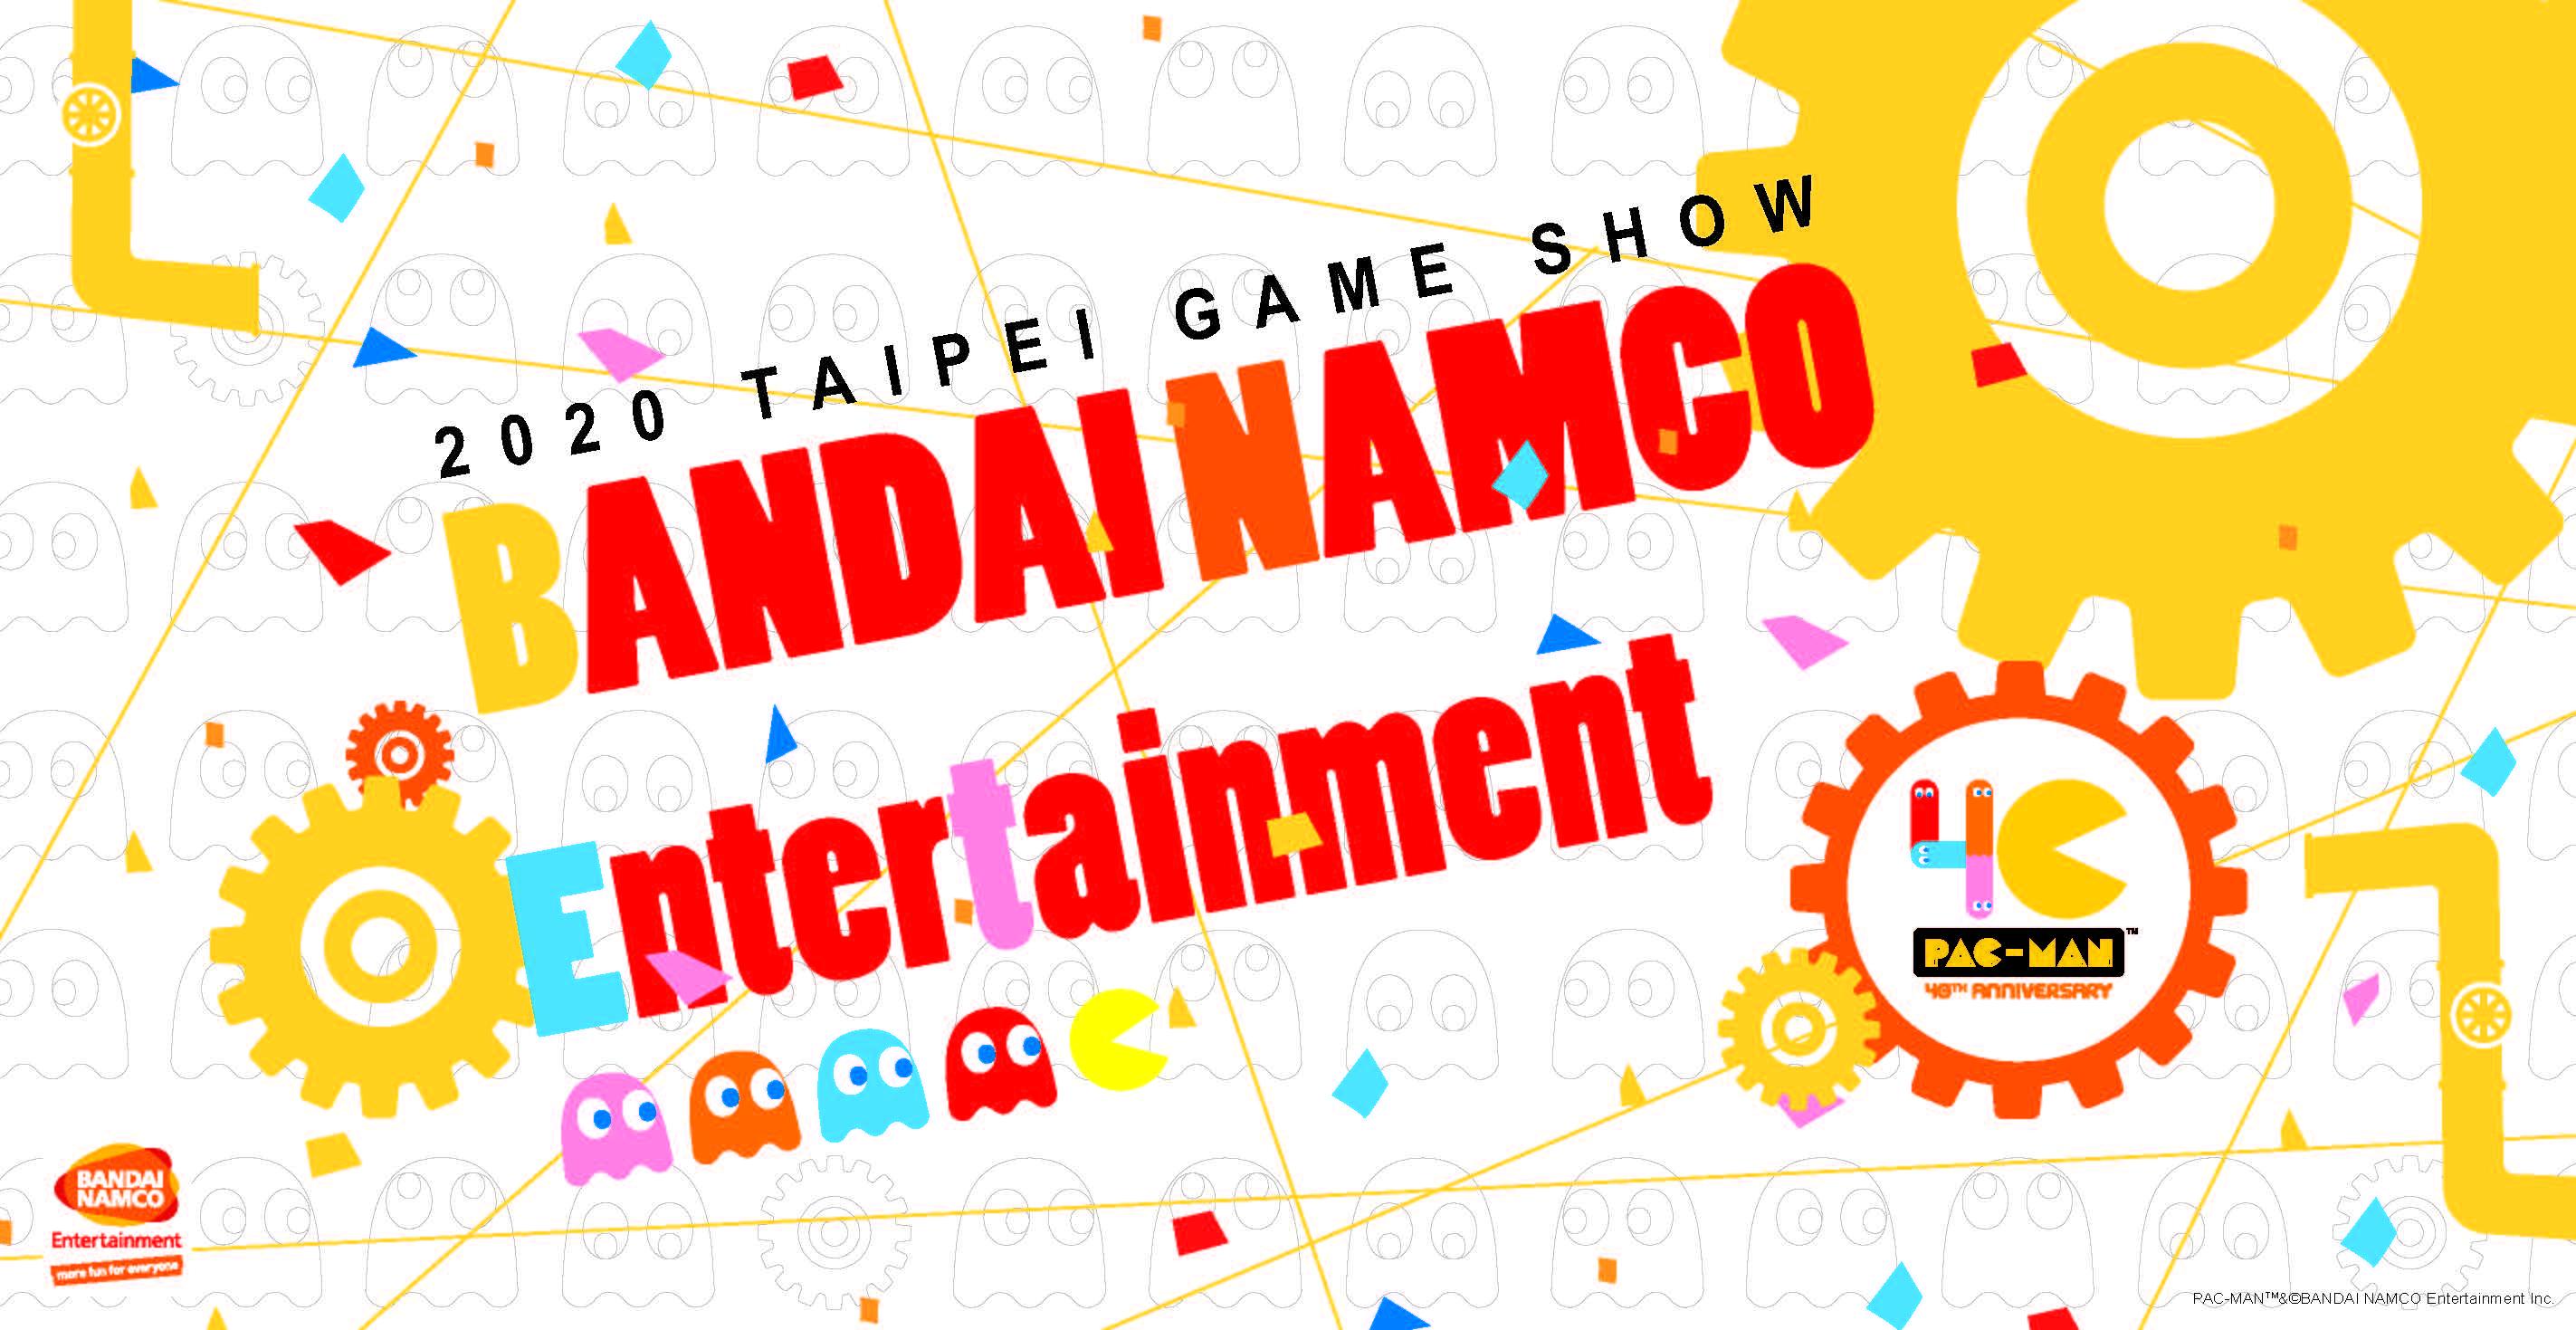 台灣萬代南夢宮娛樂公開2020年台北國際電玩展首波遊戲陣容! 歡慶PAC-MAN誕生40周年 打造史上最大主題展區 2020tg10